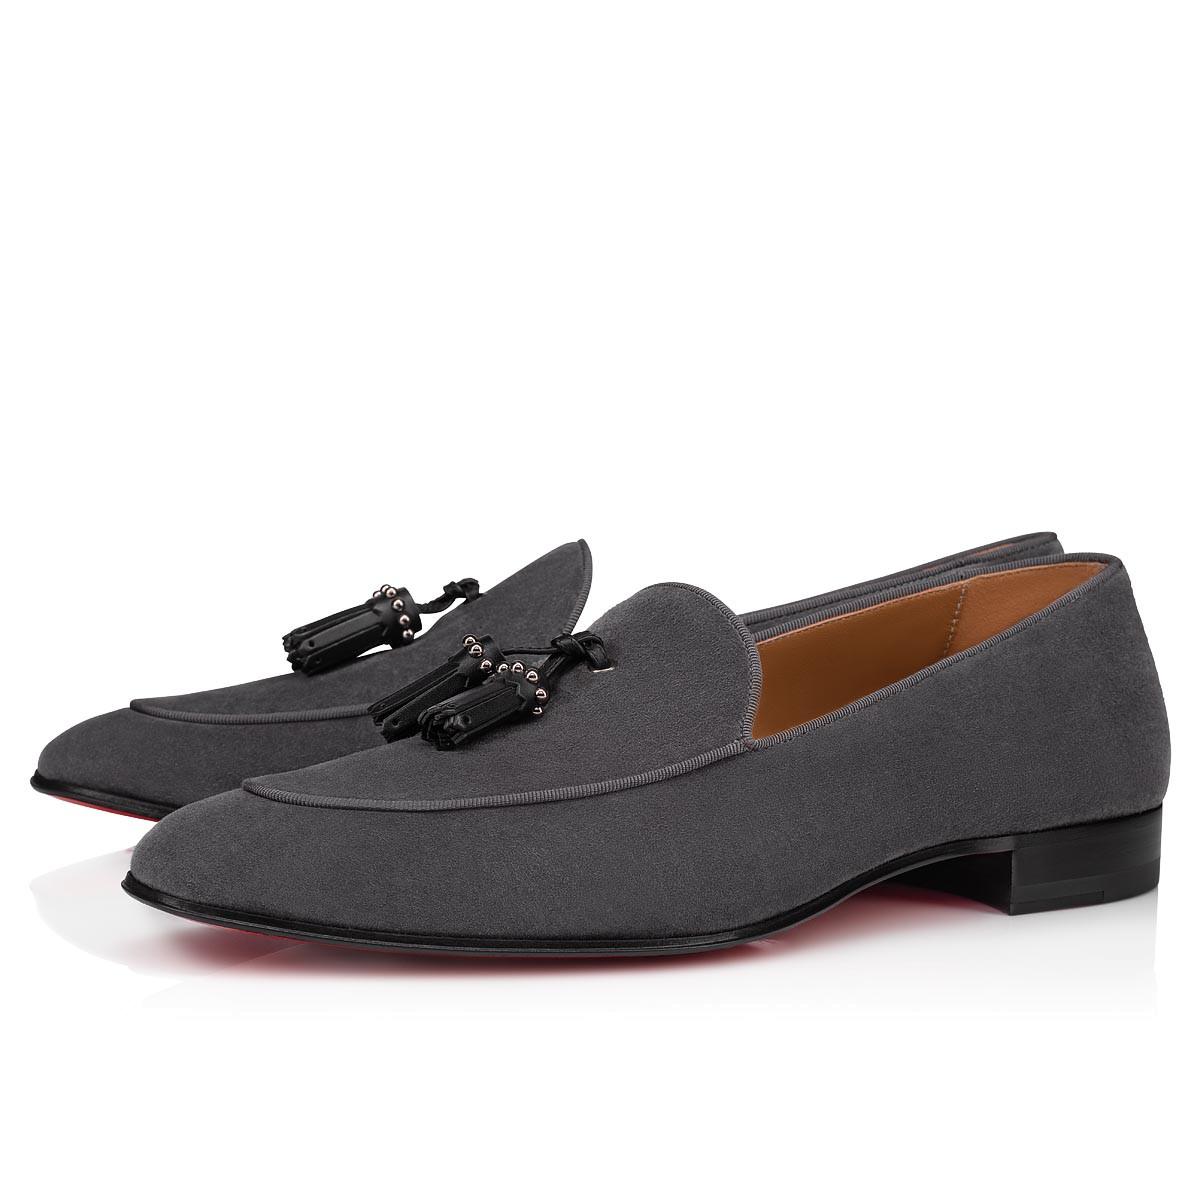 鞋履 - King Nile Creative Leather - Christian Louboutin